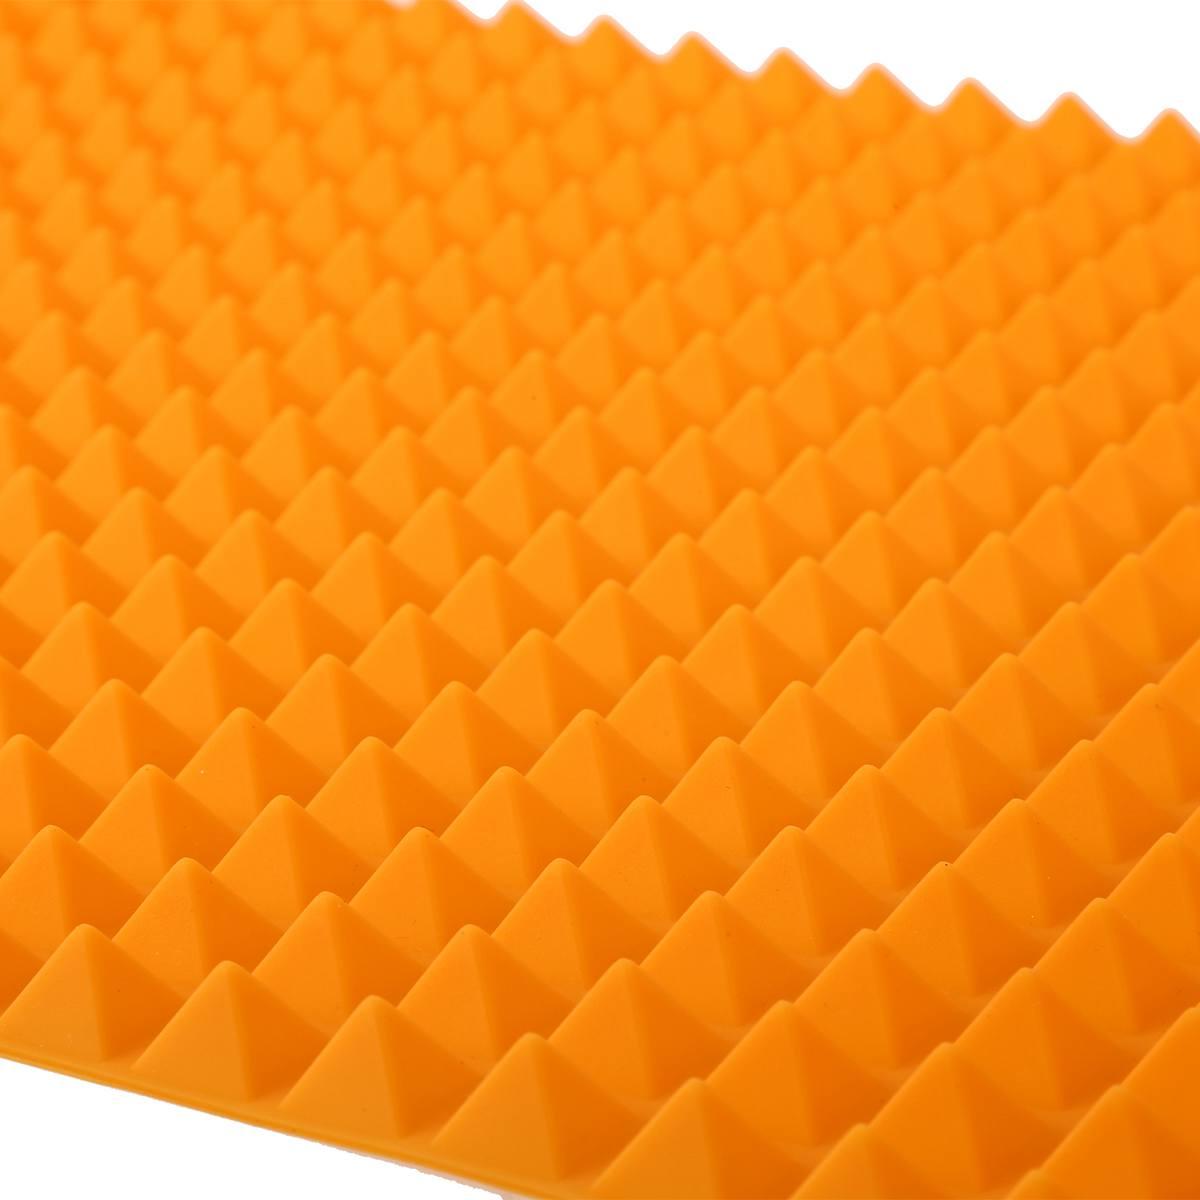 Silikon-Antihaft-gesunde-Kochen-Backmatte-mit-Pyramide-Oberflaeche-16-Zoll-F5L9 Indexbild 8